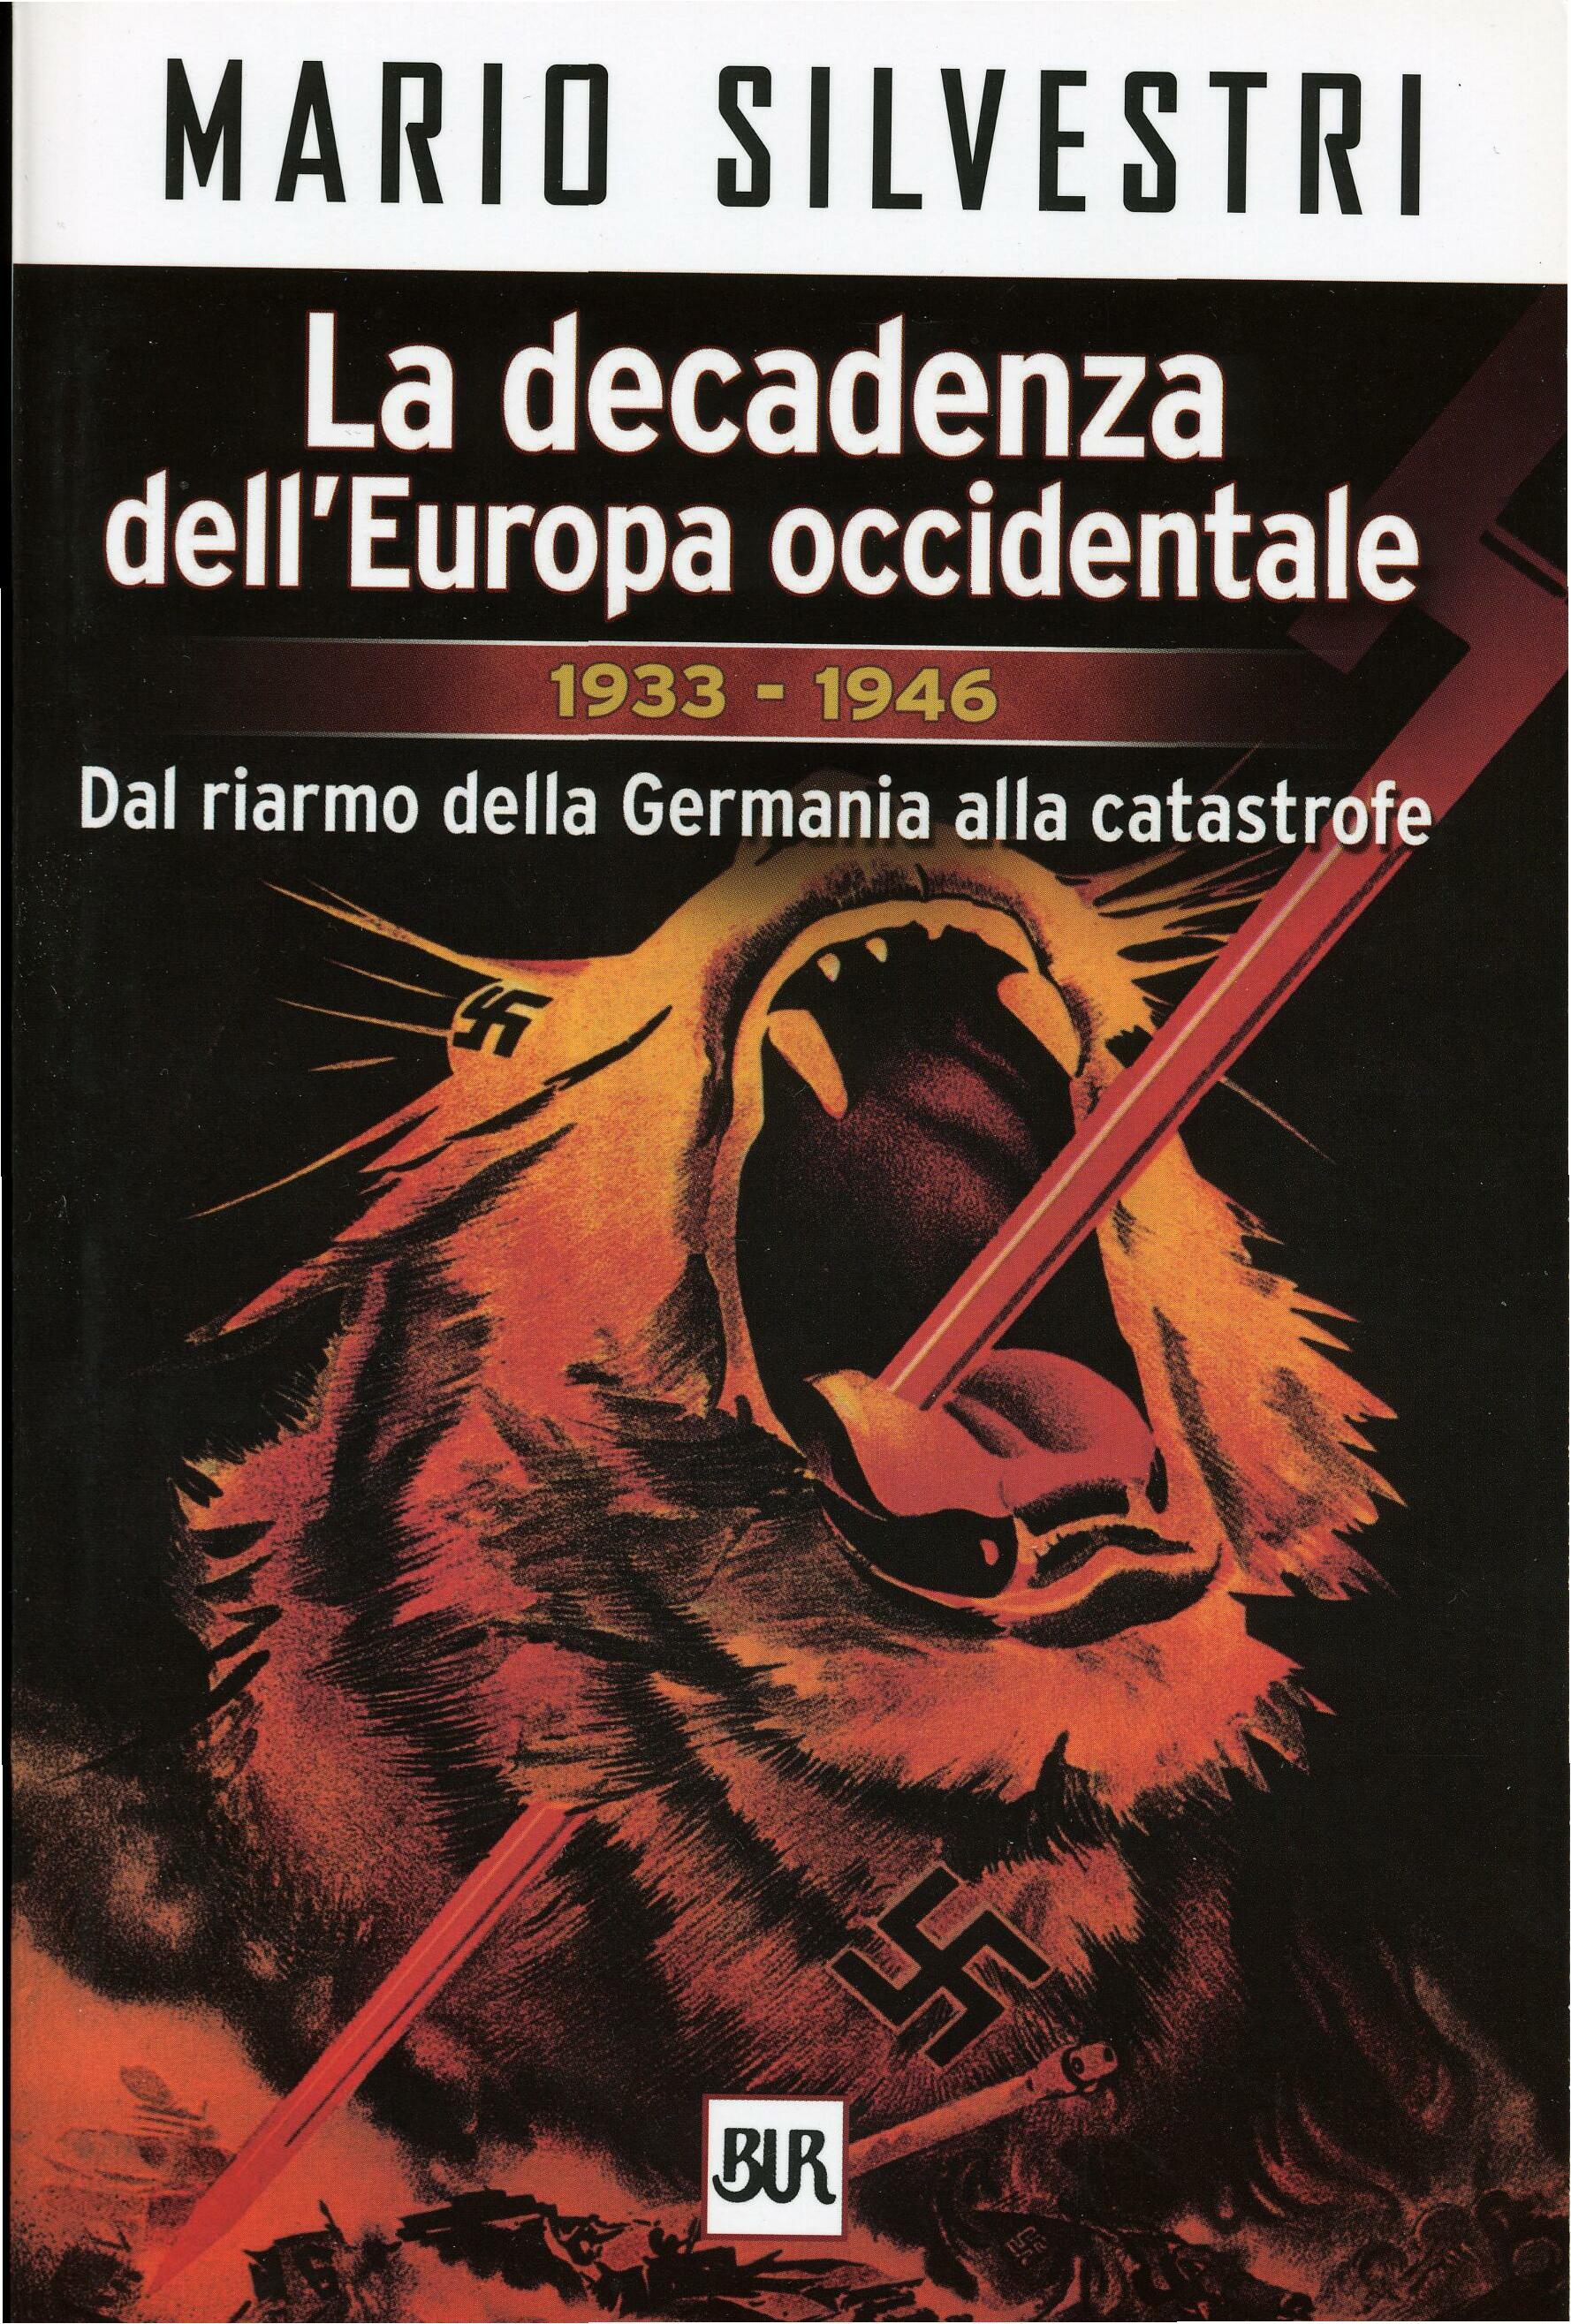 La decadenza dell'Europa occidentale - Volume II